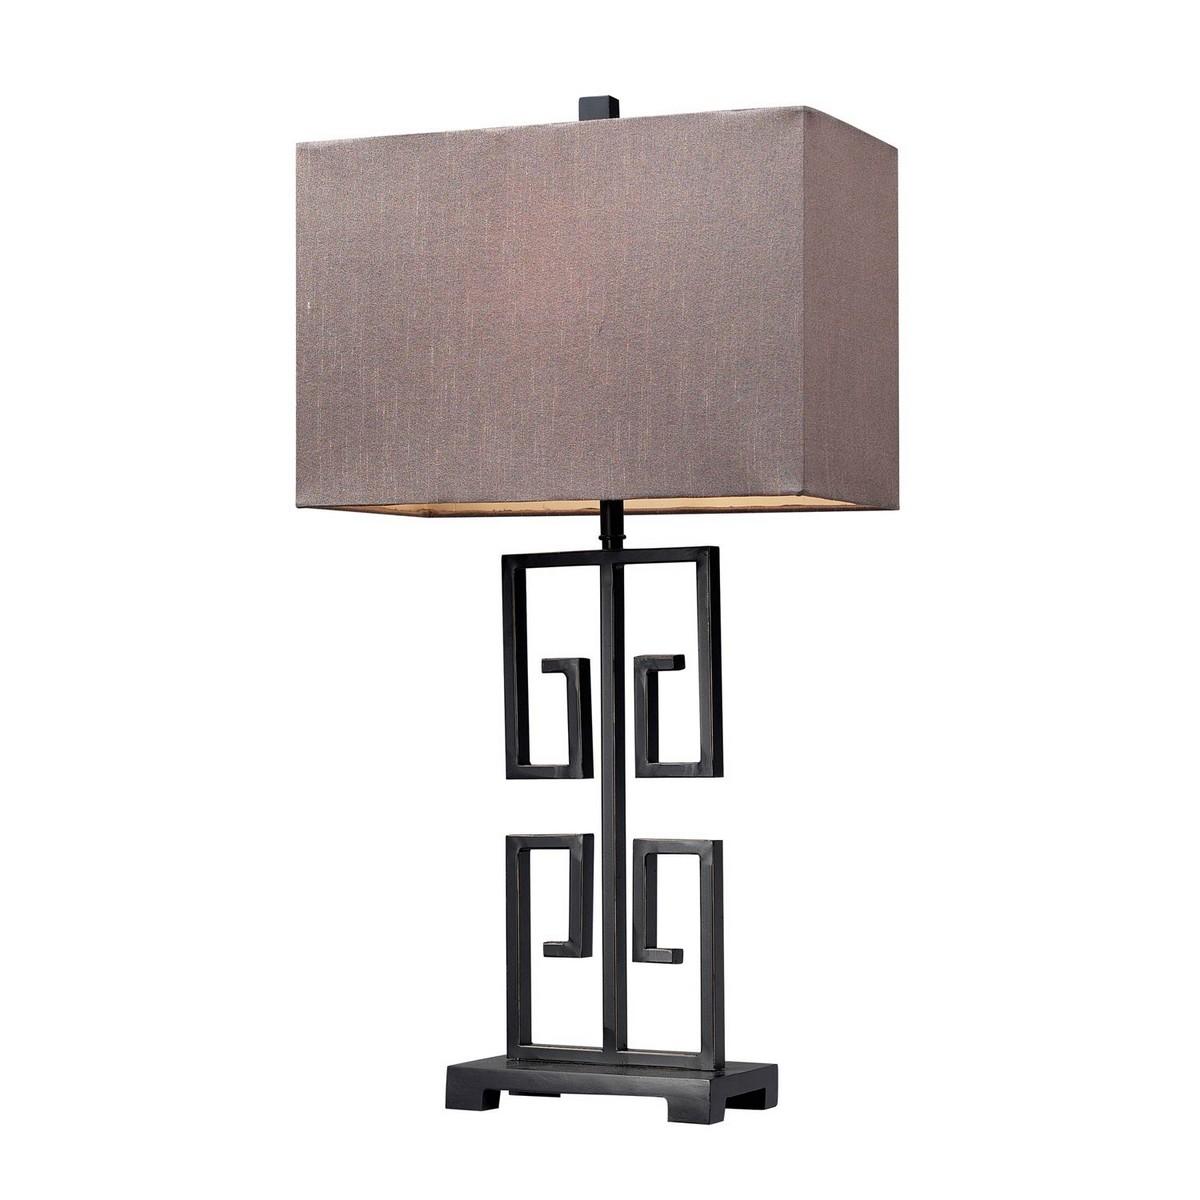 Elk Lighting D139 Table Lamp - Dark Bronze